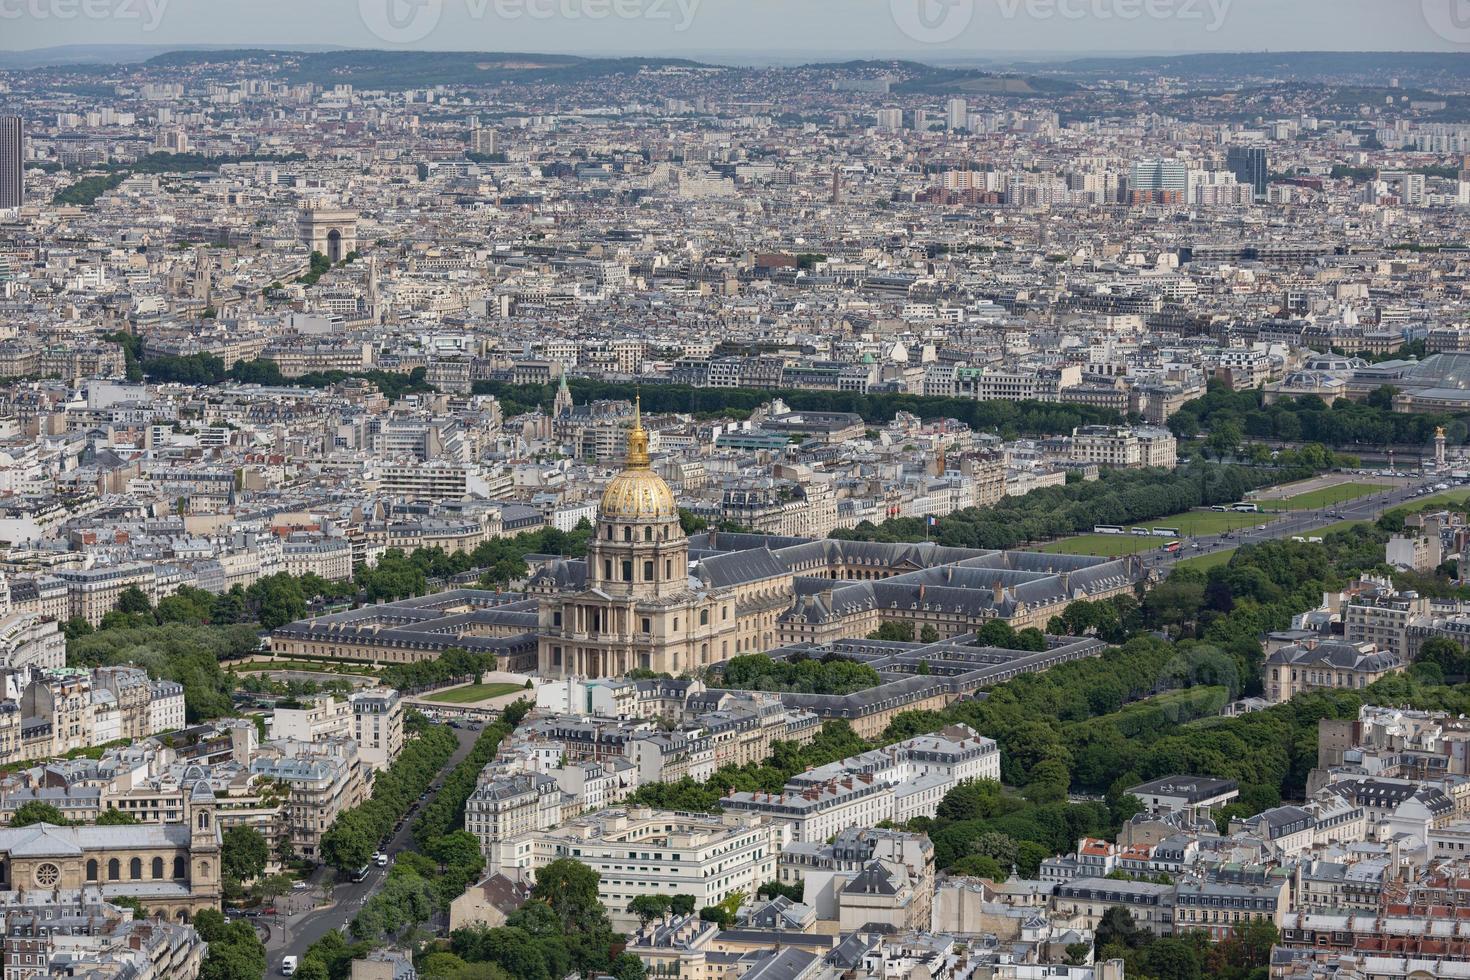 panorama de paris avec vue aérienne au dôme des invalides photo